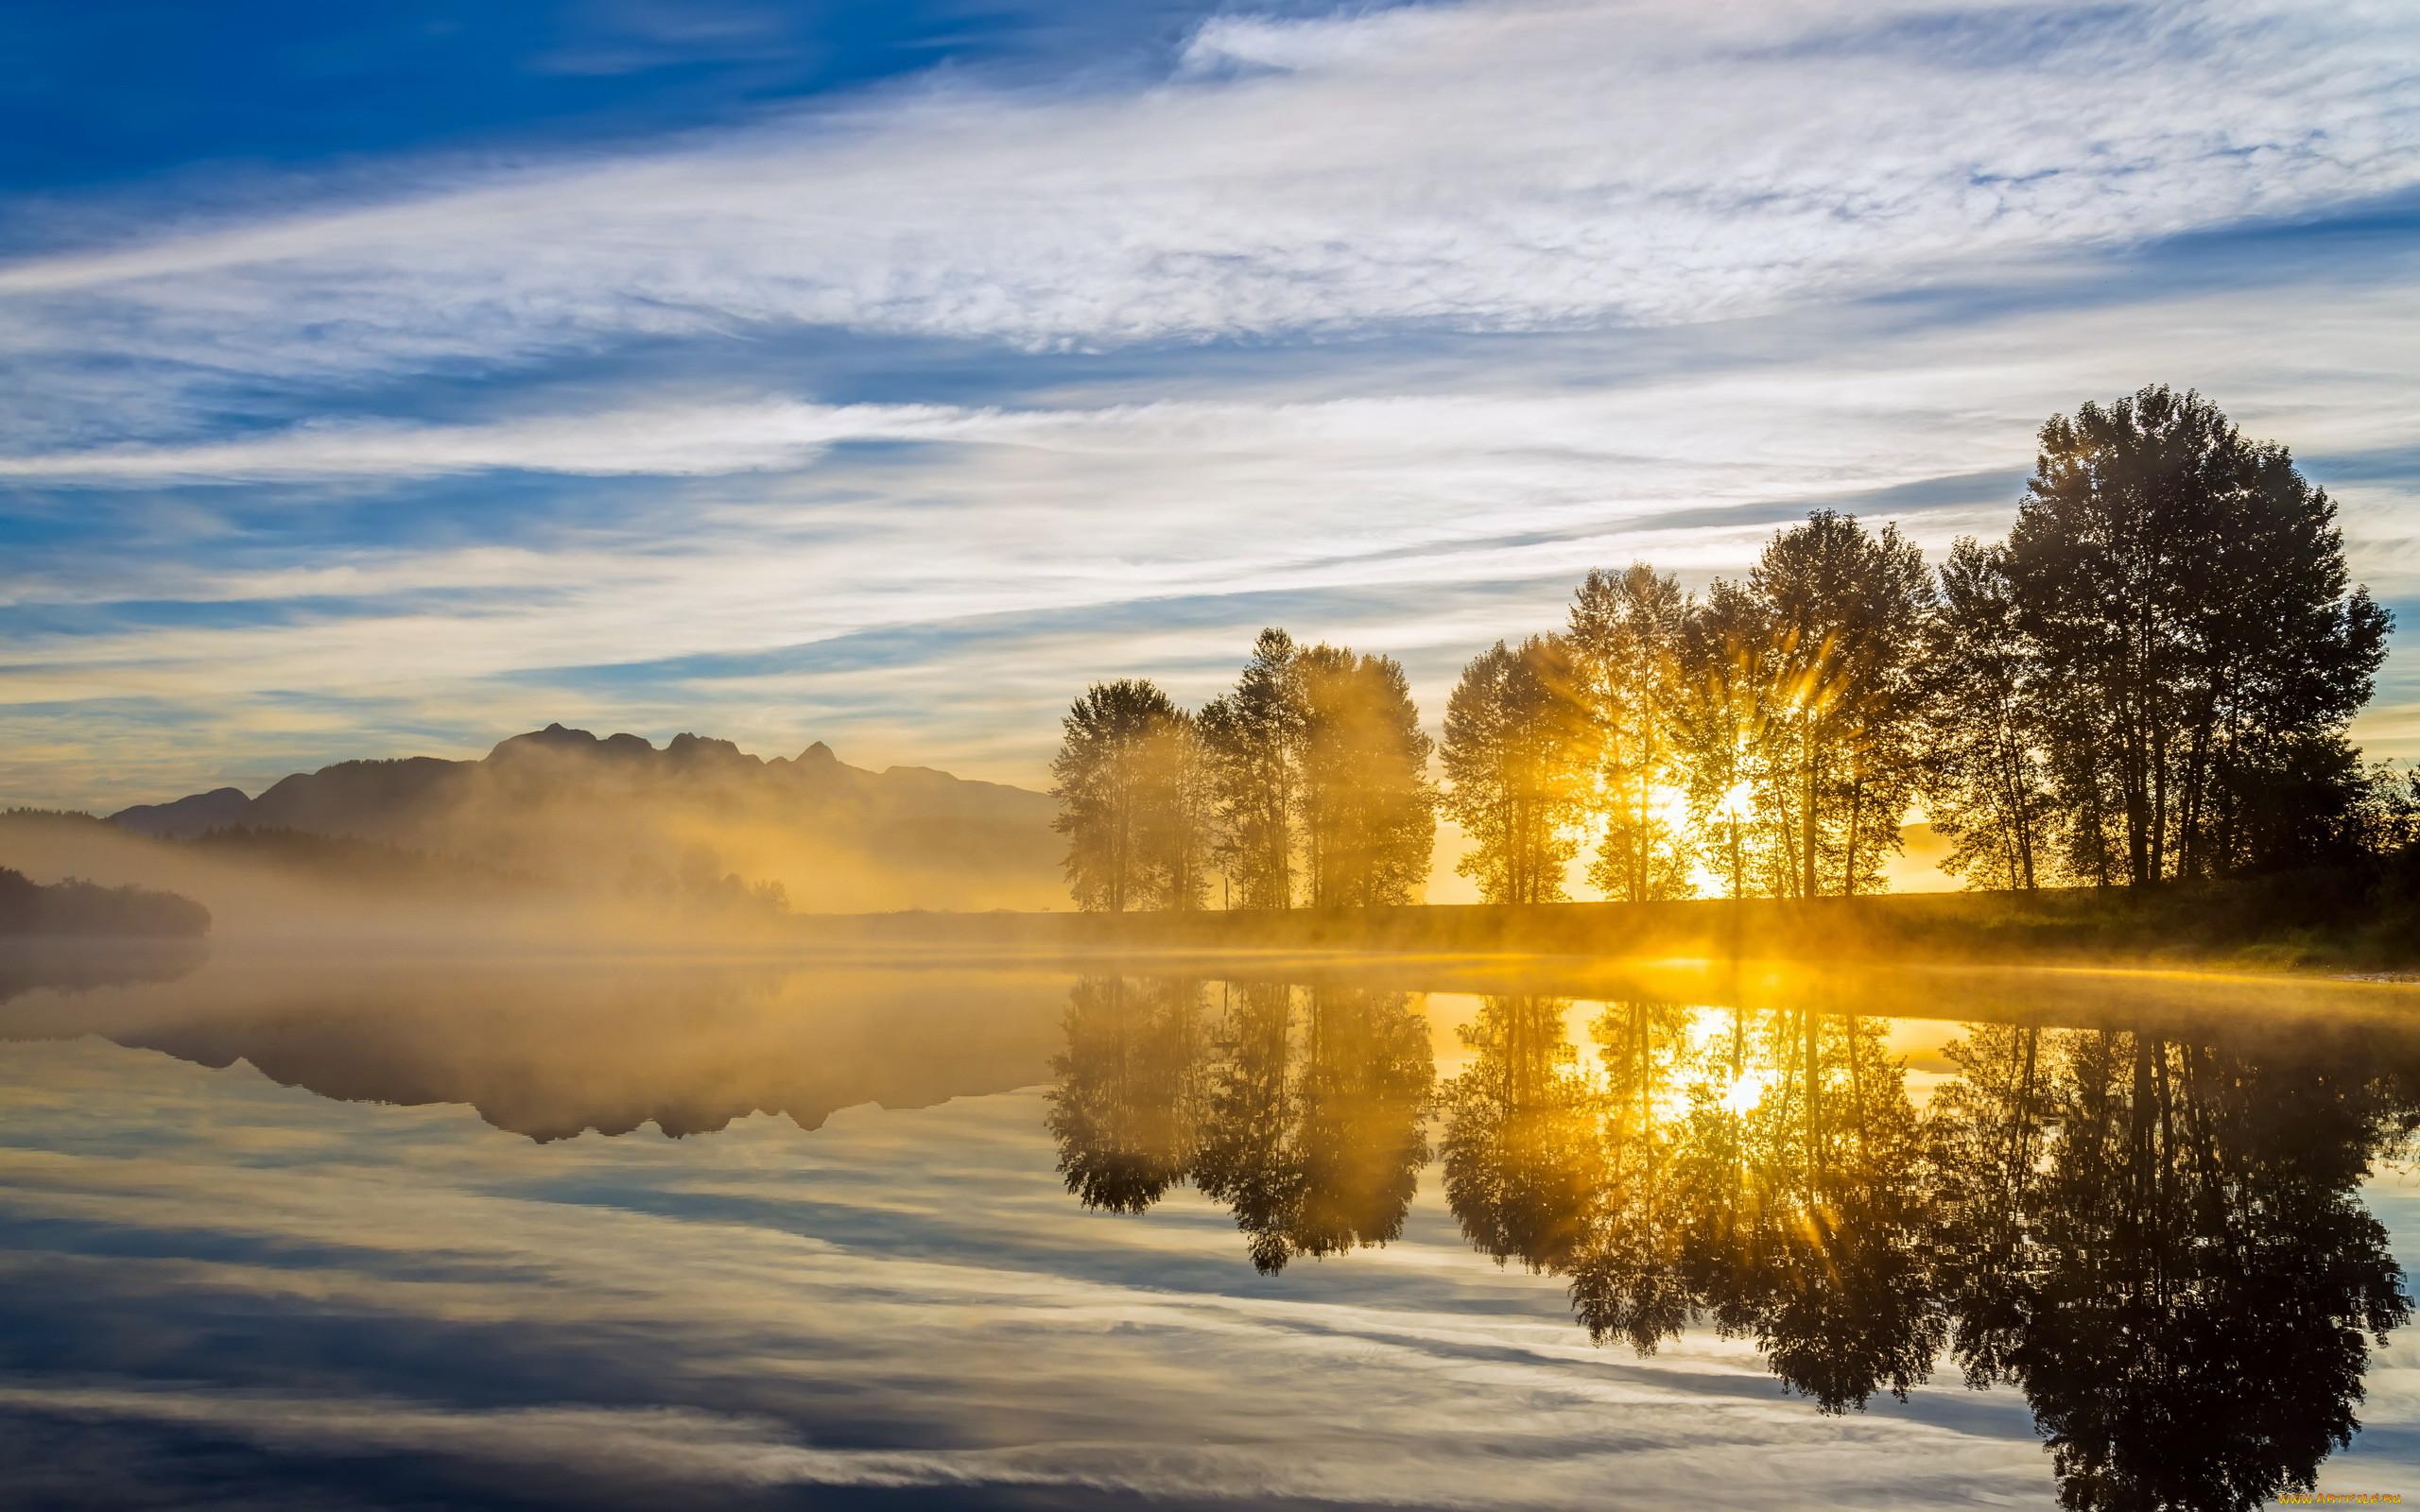 эти фото красивых утренних пейзажей уже очень